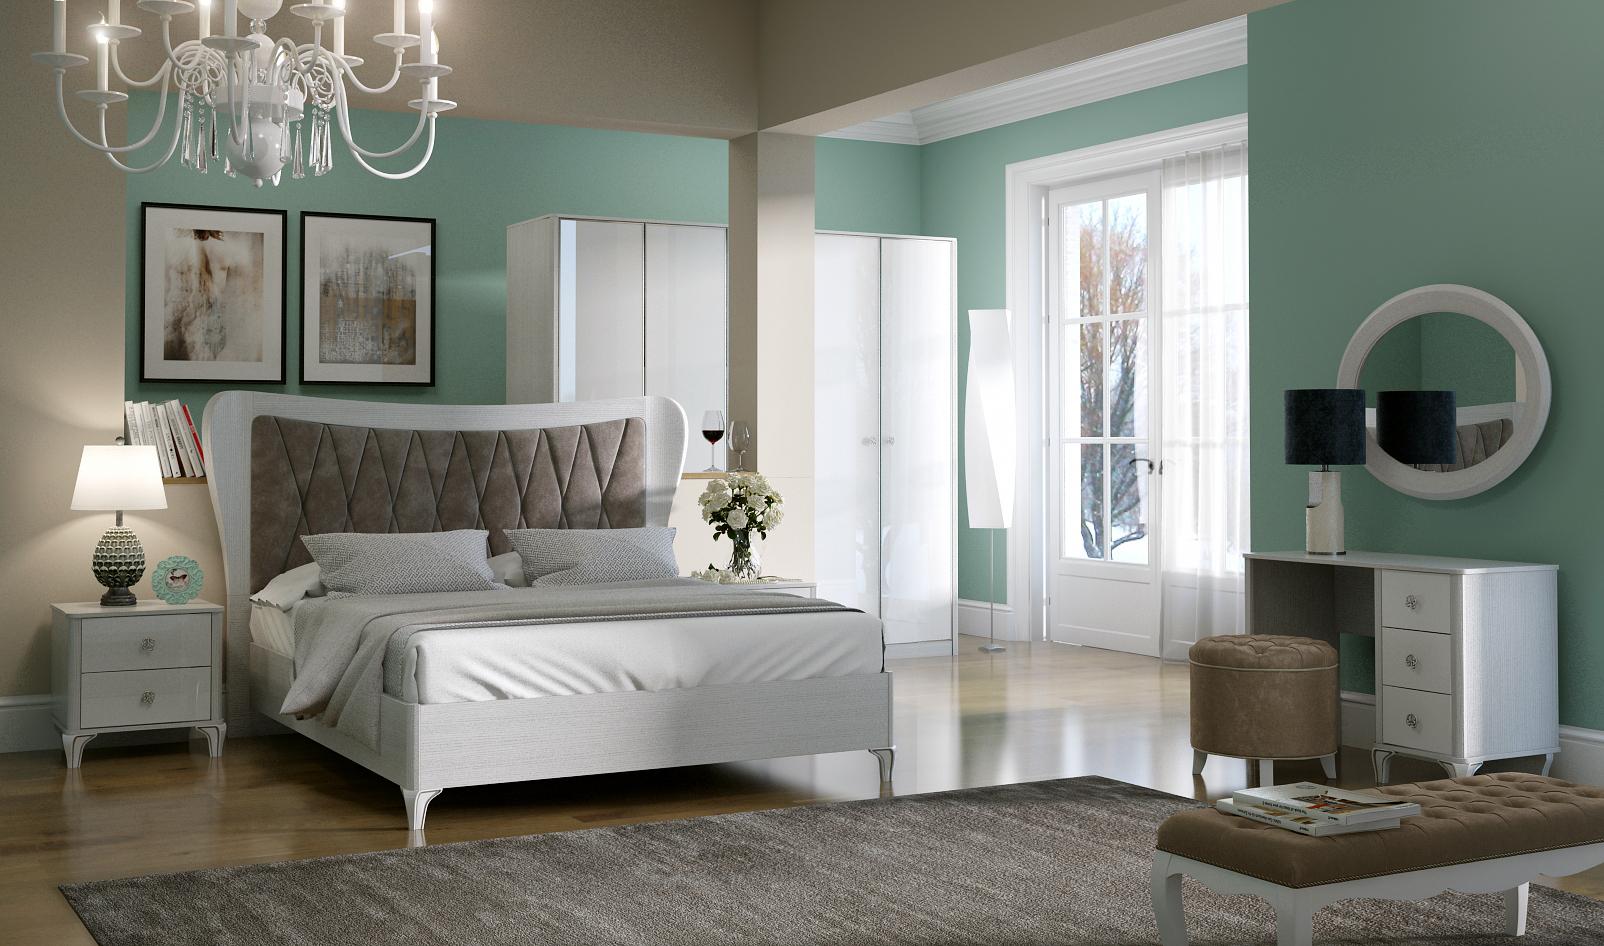 Спальня Opera - купить по цене от 61 900 руб. в интернет-магазине